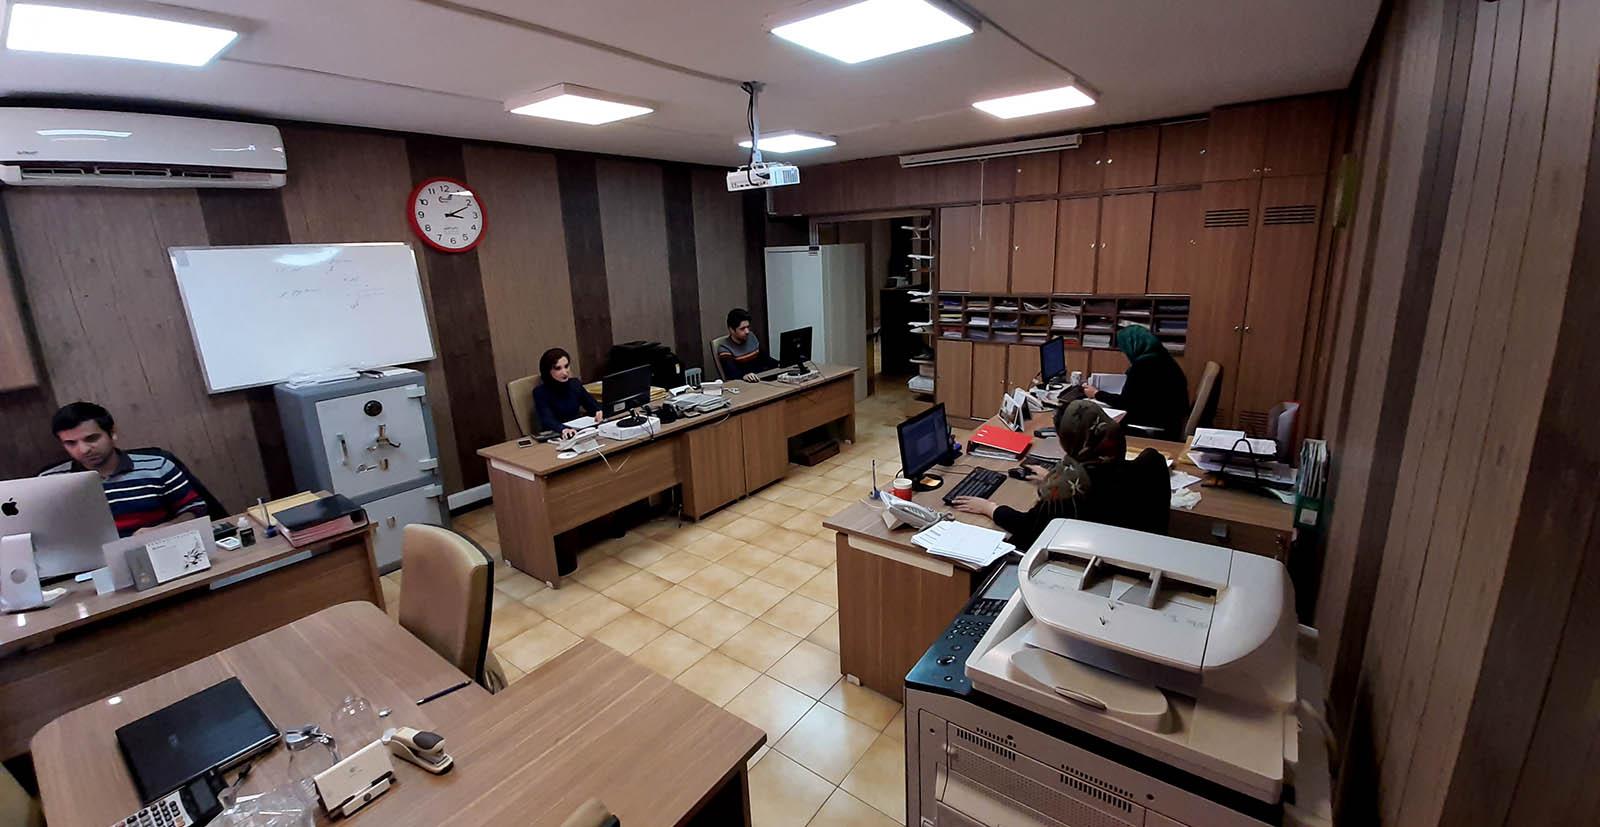 شرکت پرشین کارگو - دفتر مطهری